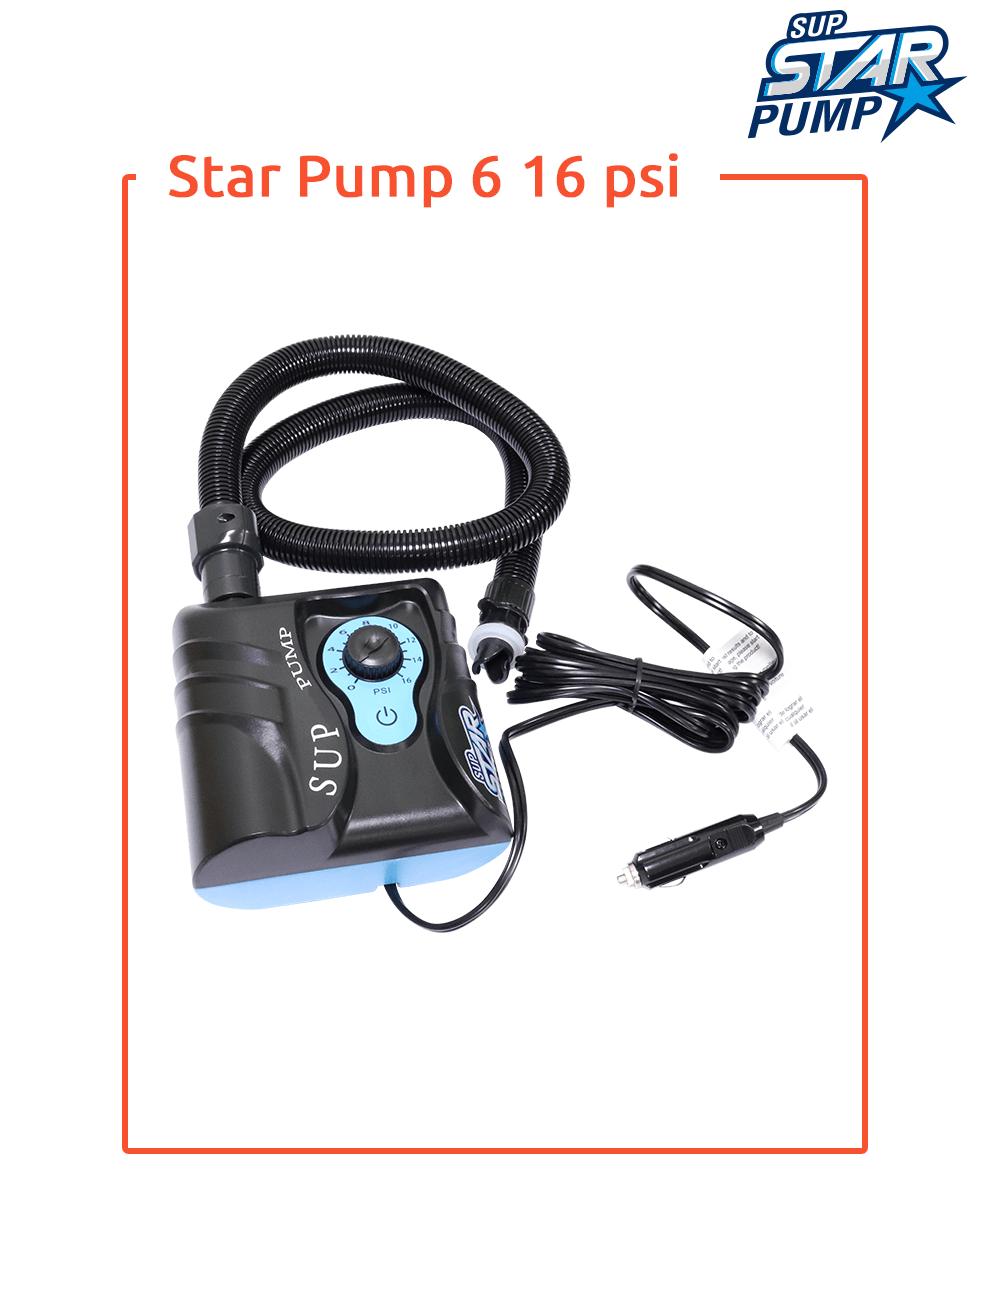 Starpump 6 16 PSI